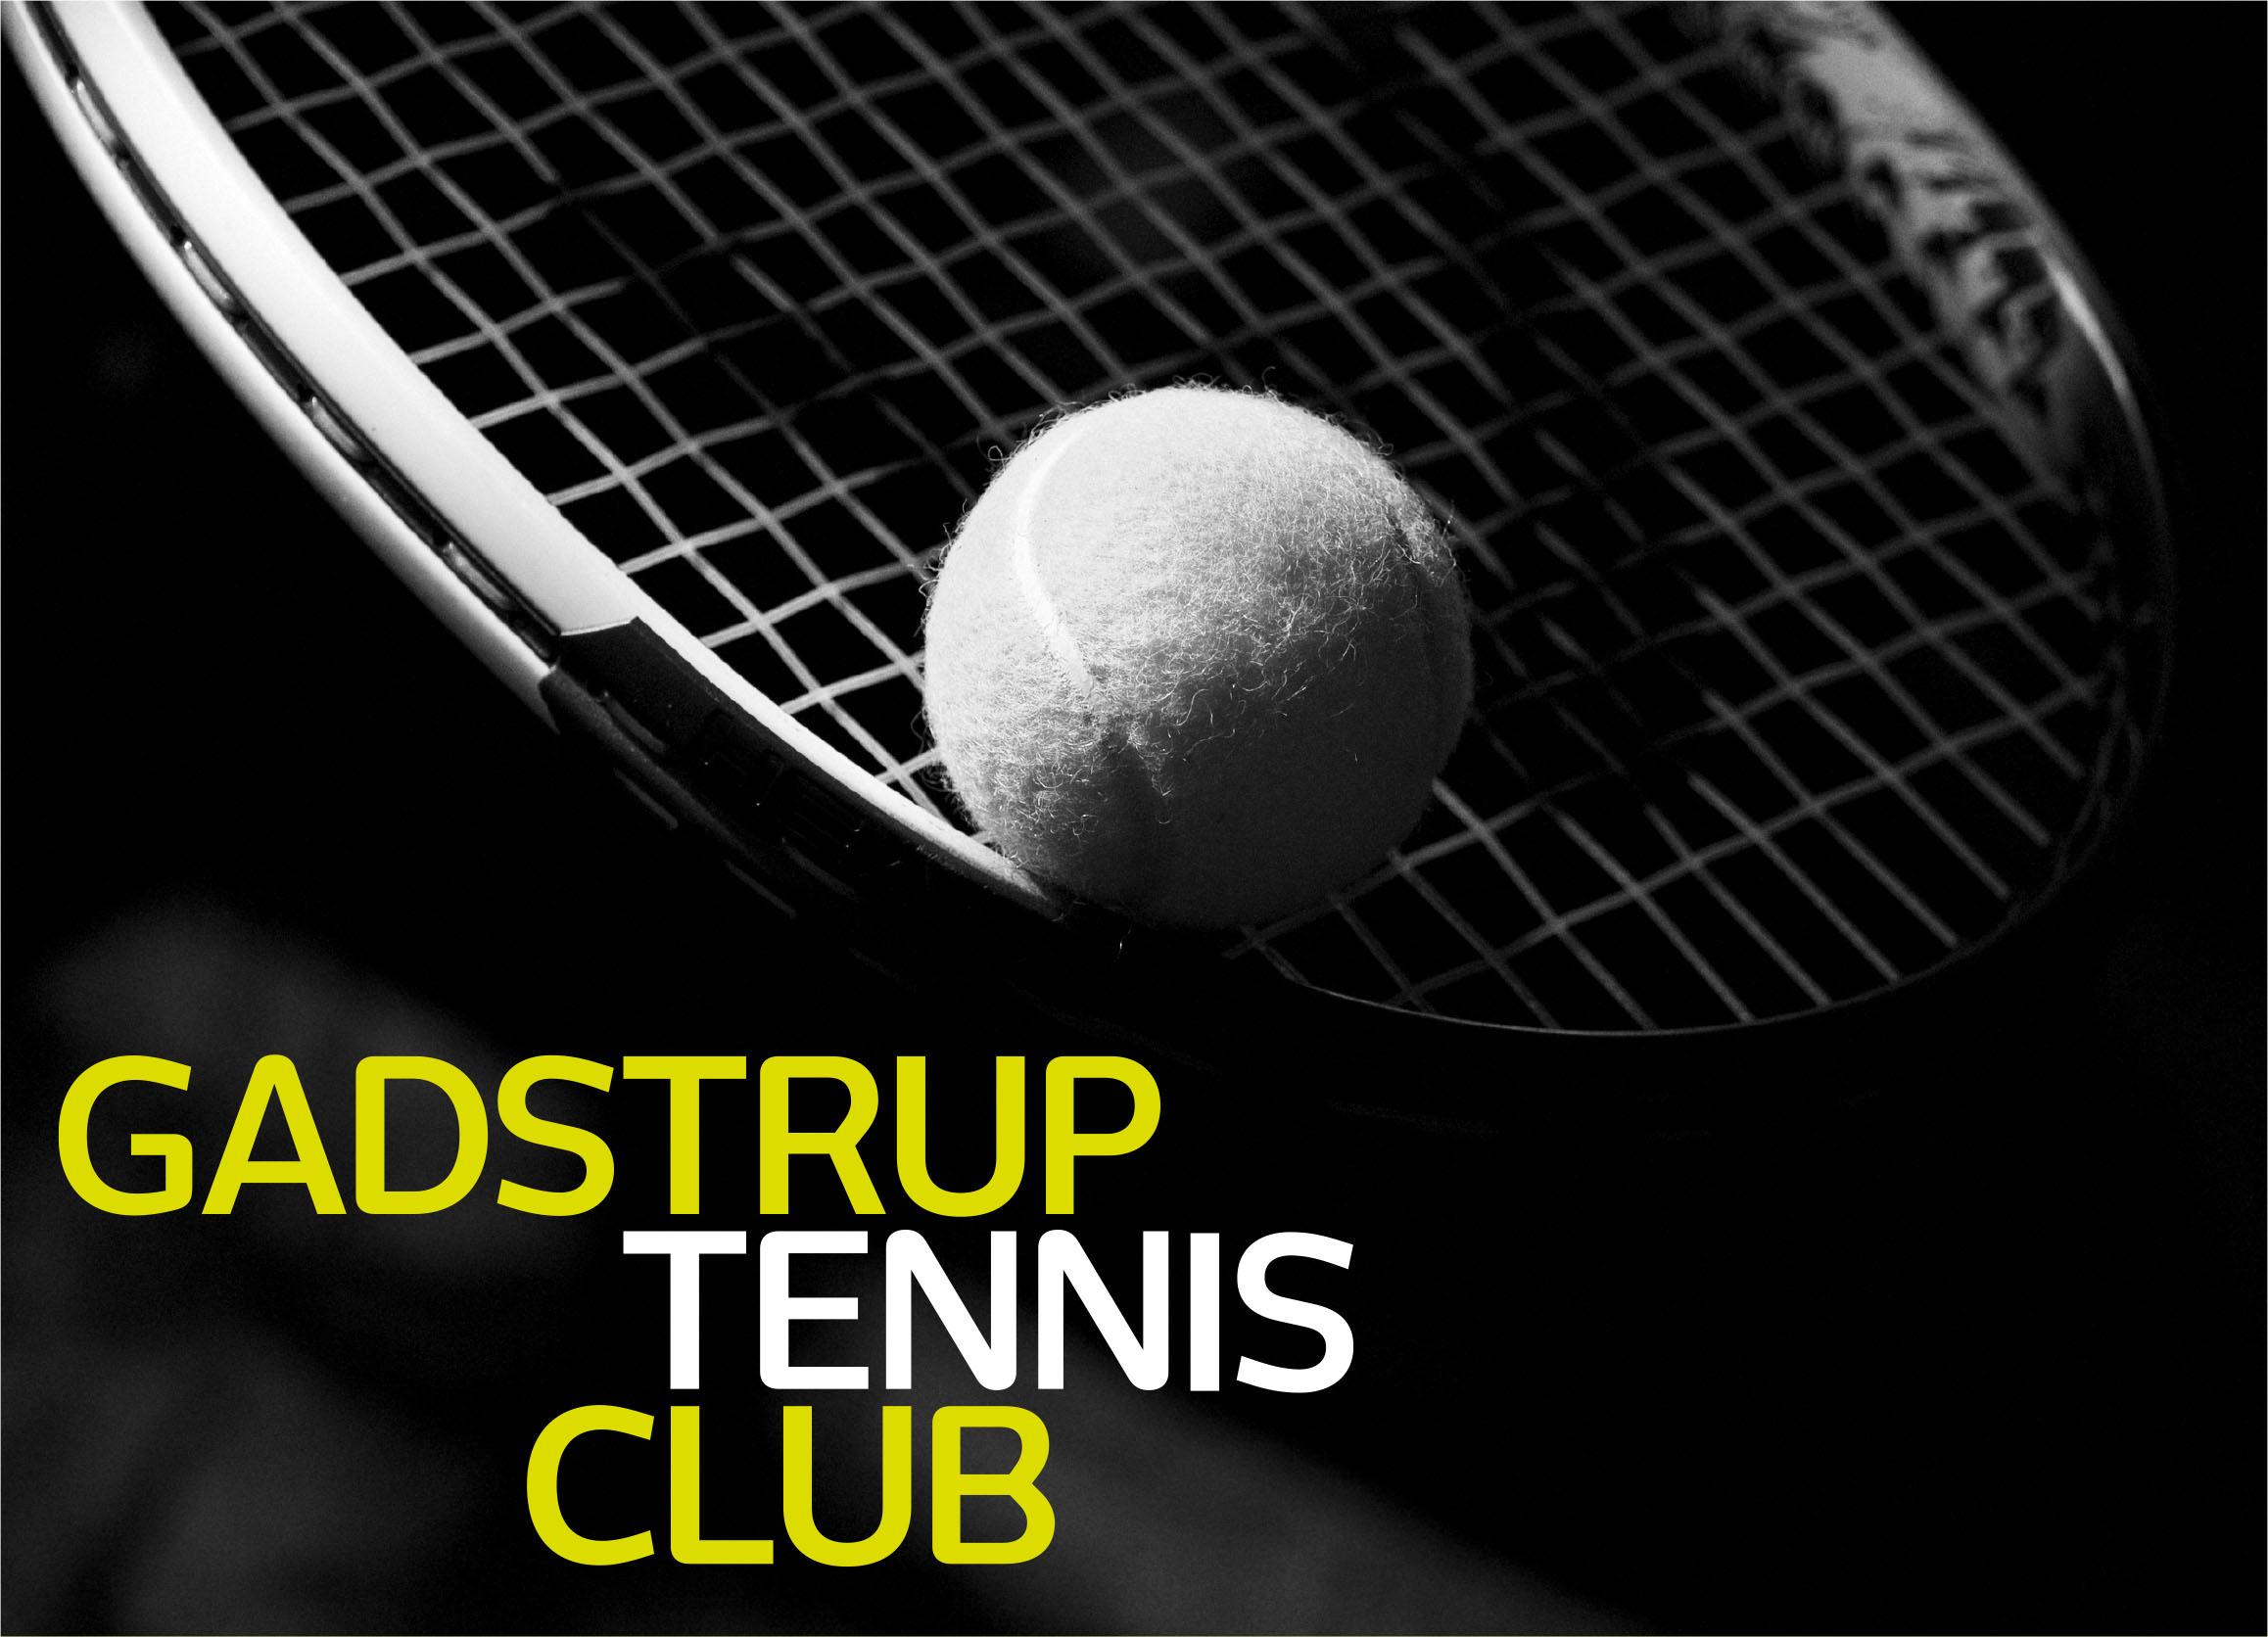 Gadstrup Tennis Club